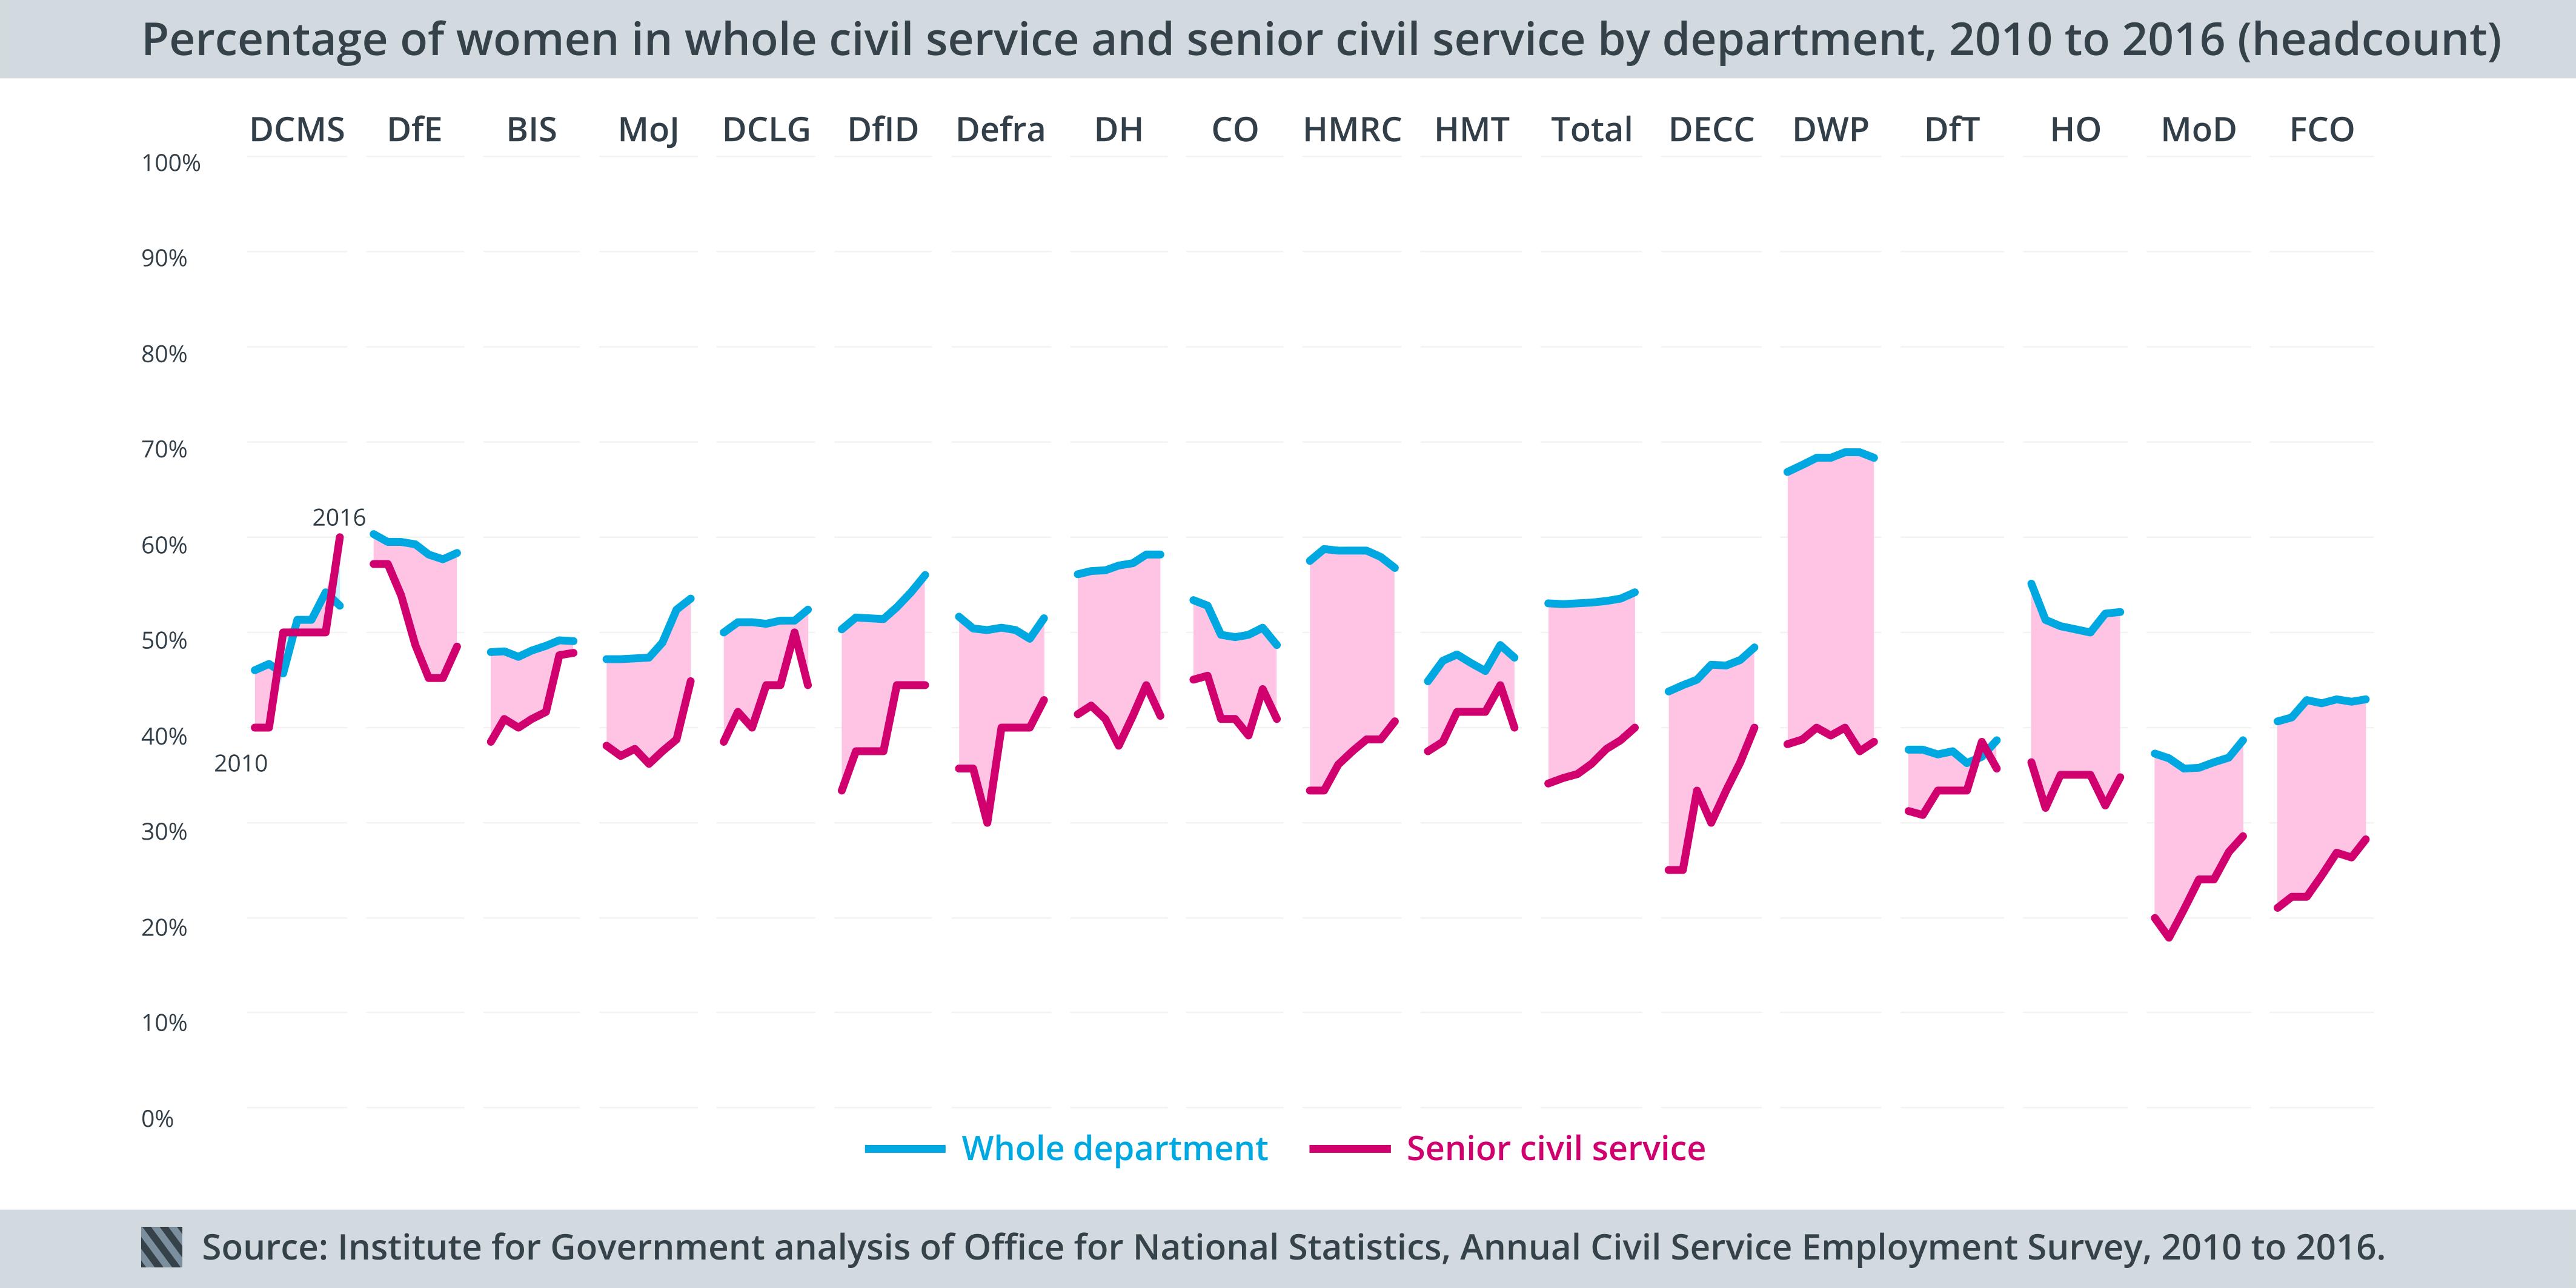 Gender 2010 to 2016 depts - CS vs SCS